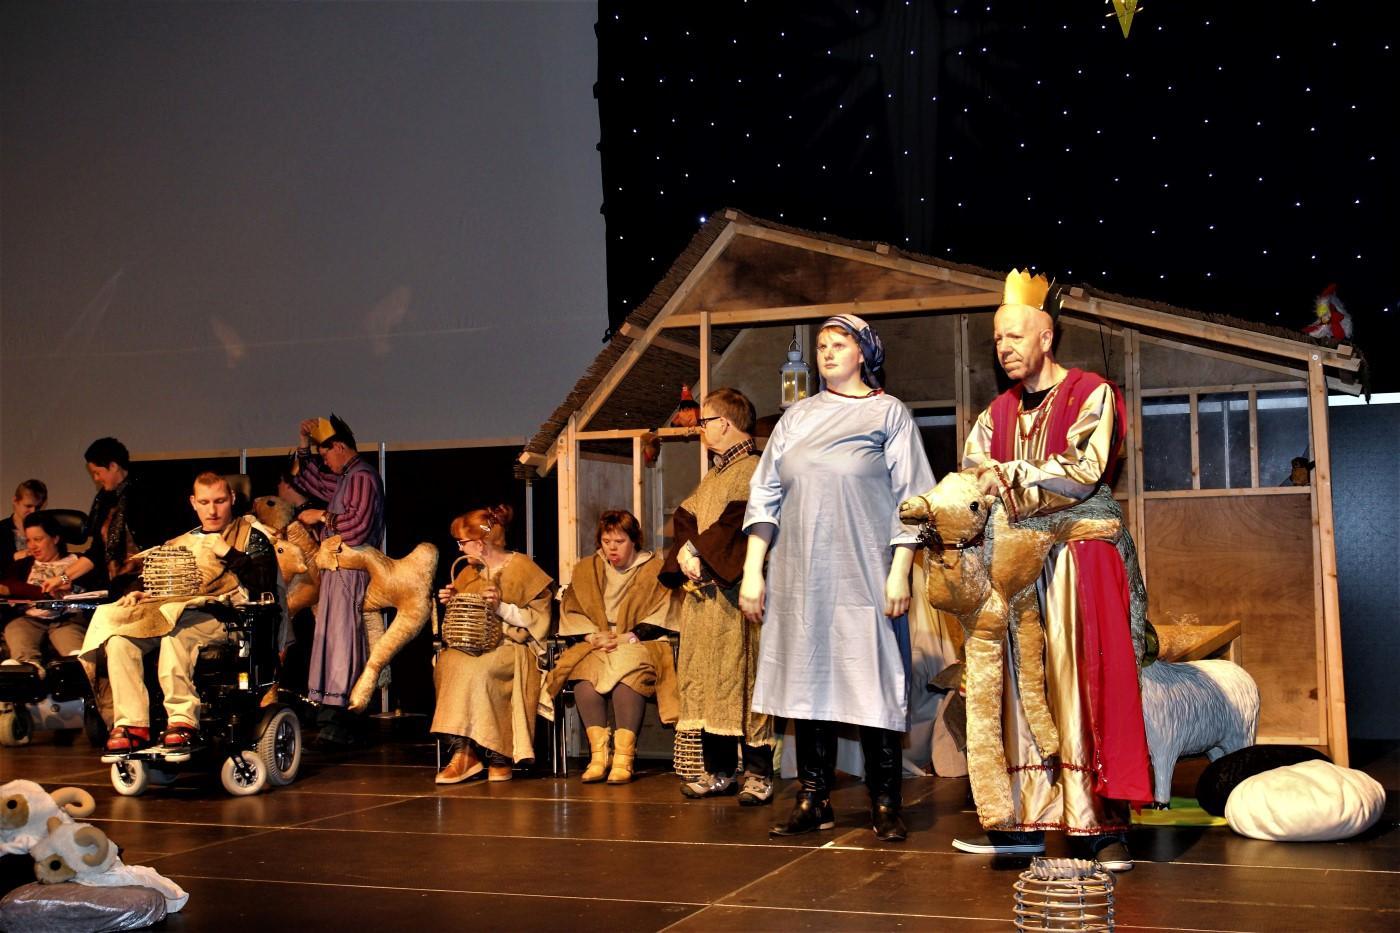 baalderborg-kerstfeest-8